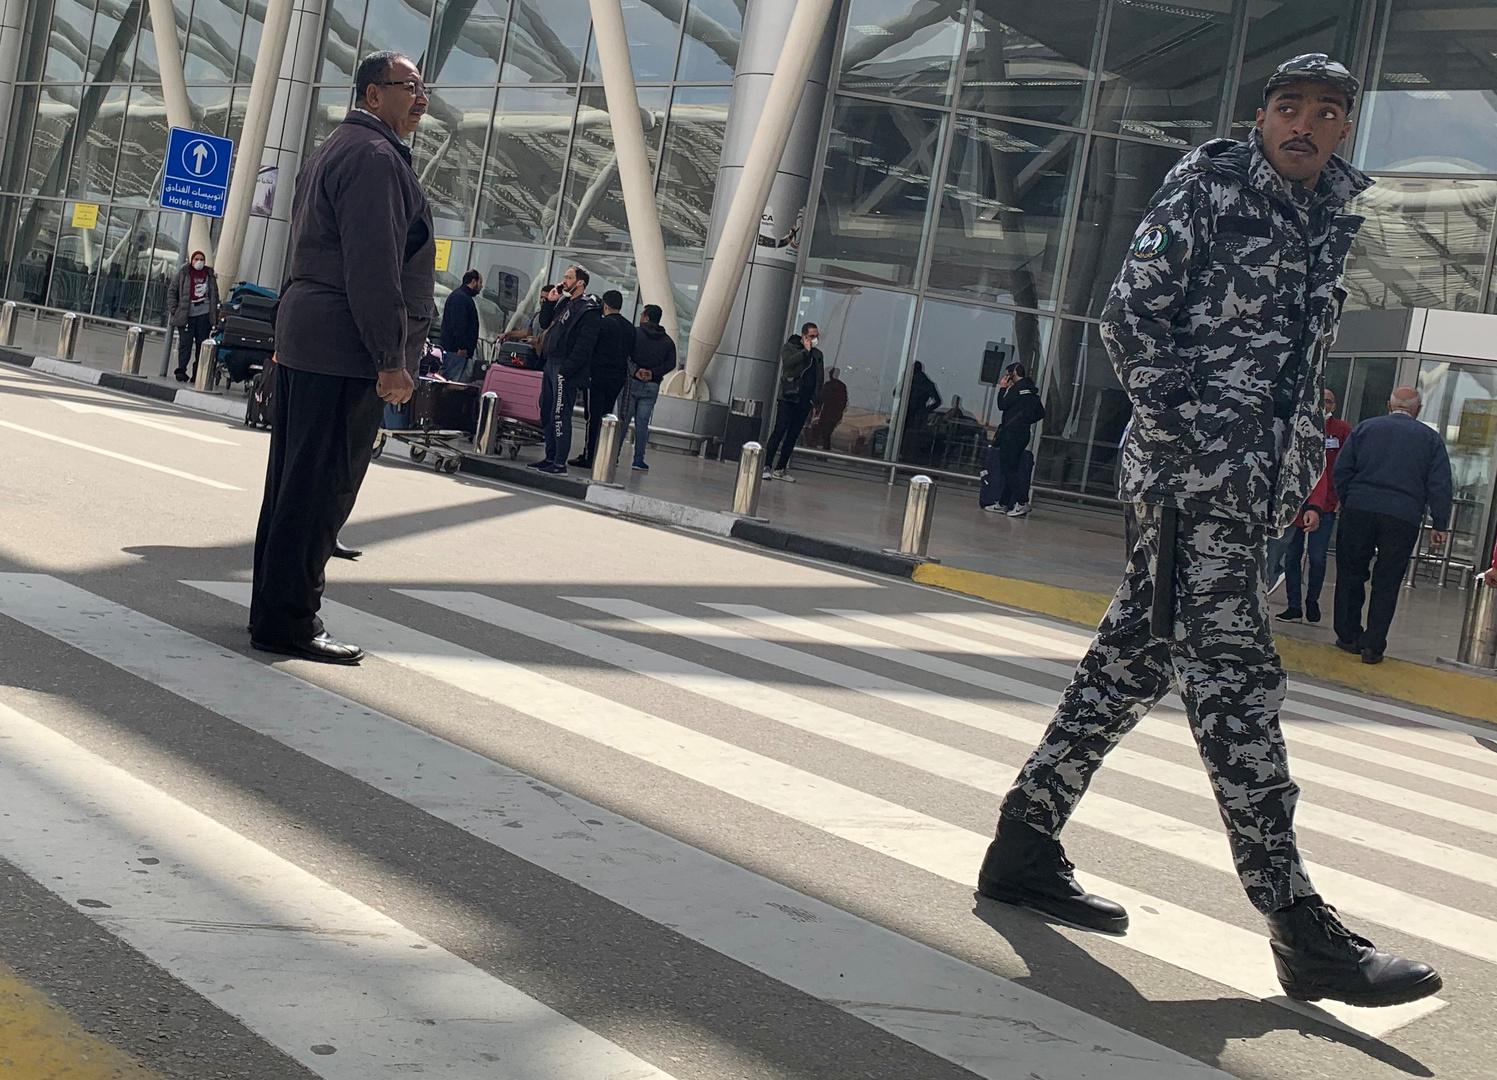 سفير موسكو لدى القاهرة: تأكدنا من تعزيز الإجراءات الأمنية جذريا في مطارات ومنتجعات مصر